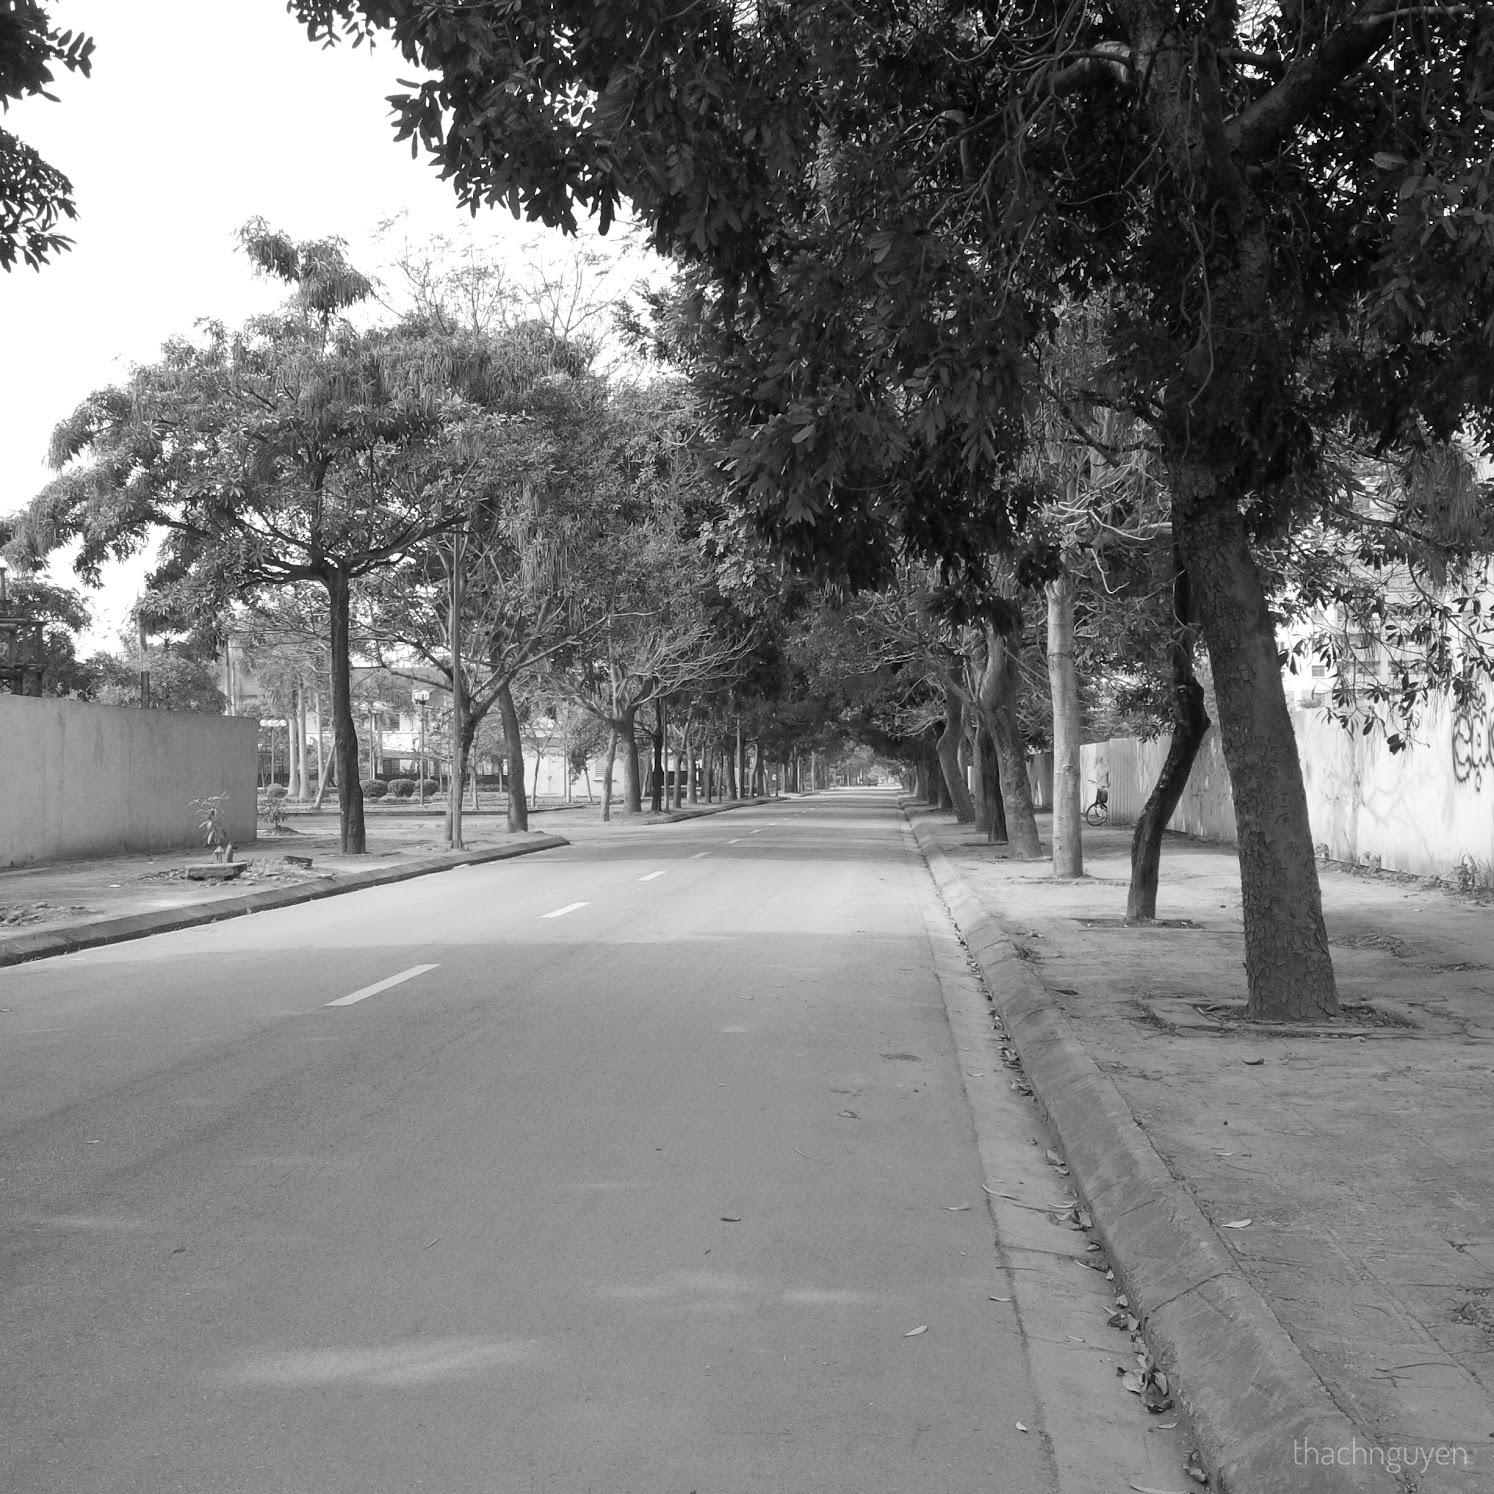 đường vắng